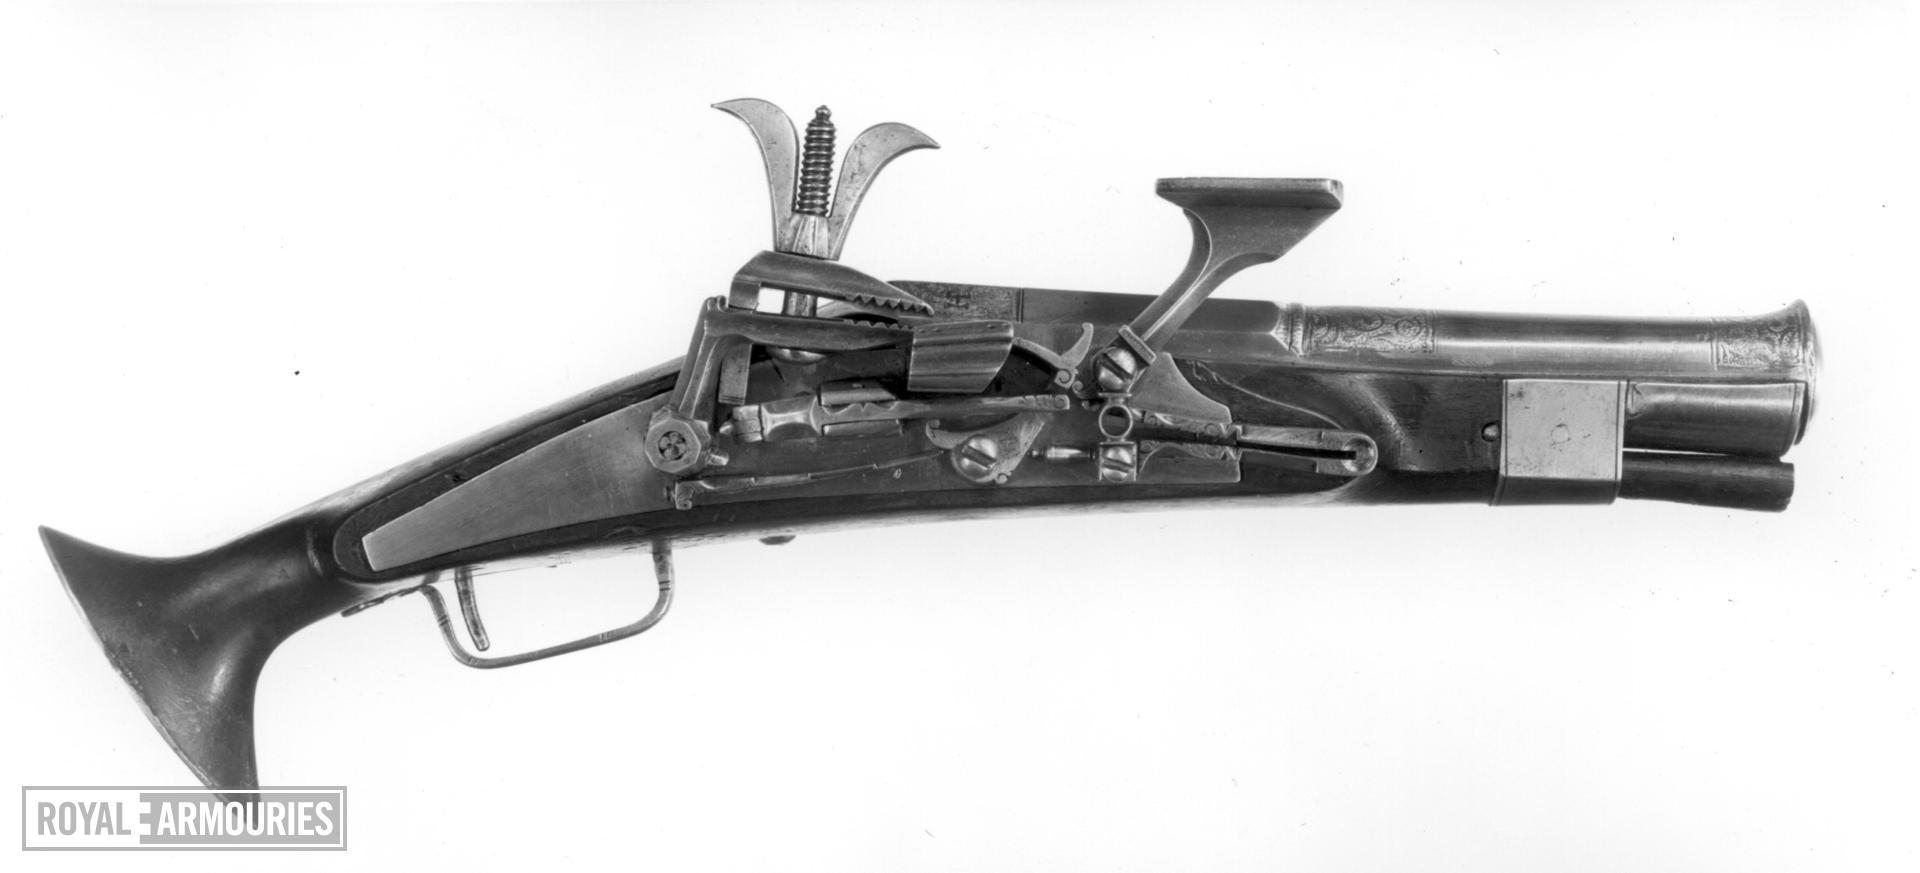 Snaphaunce pistol